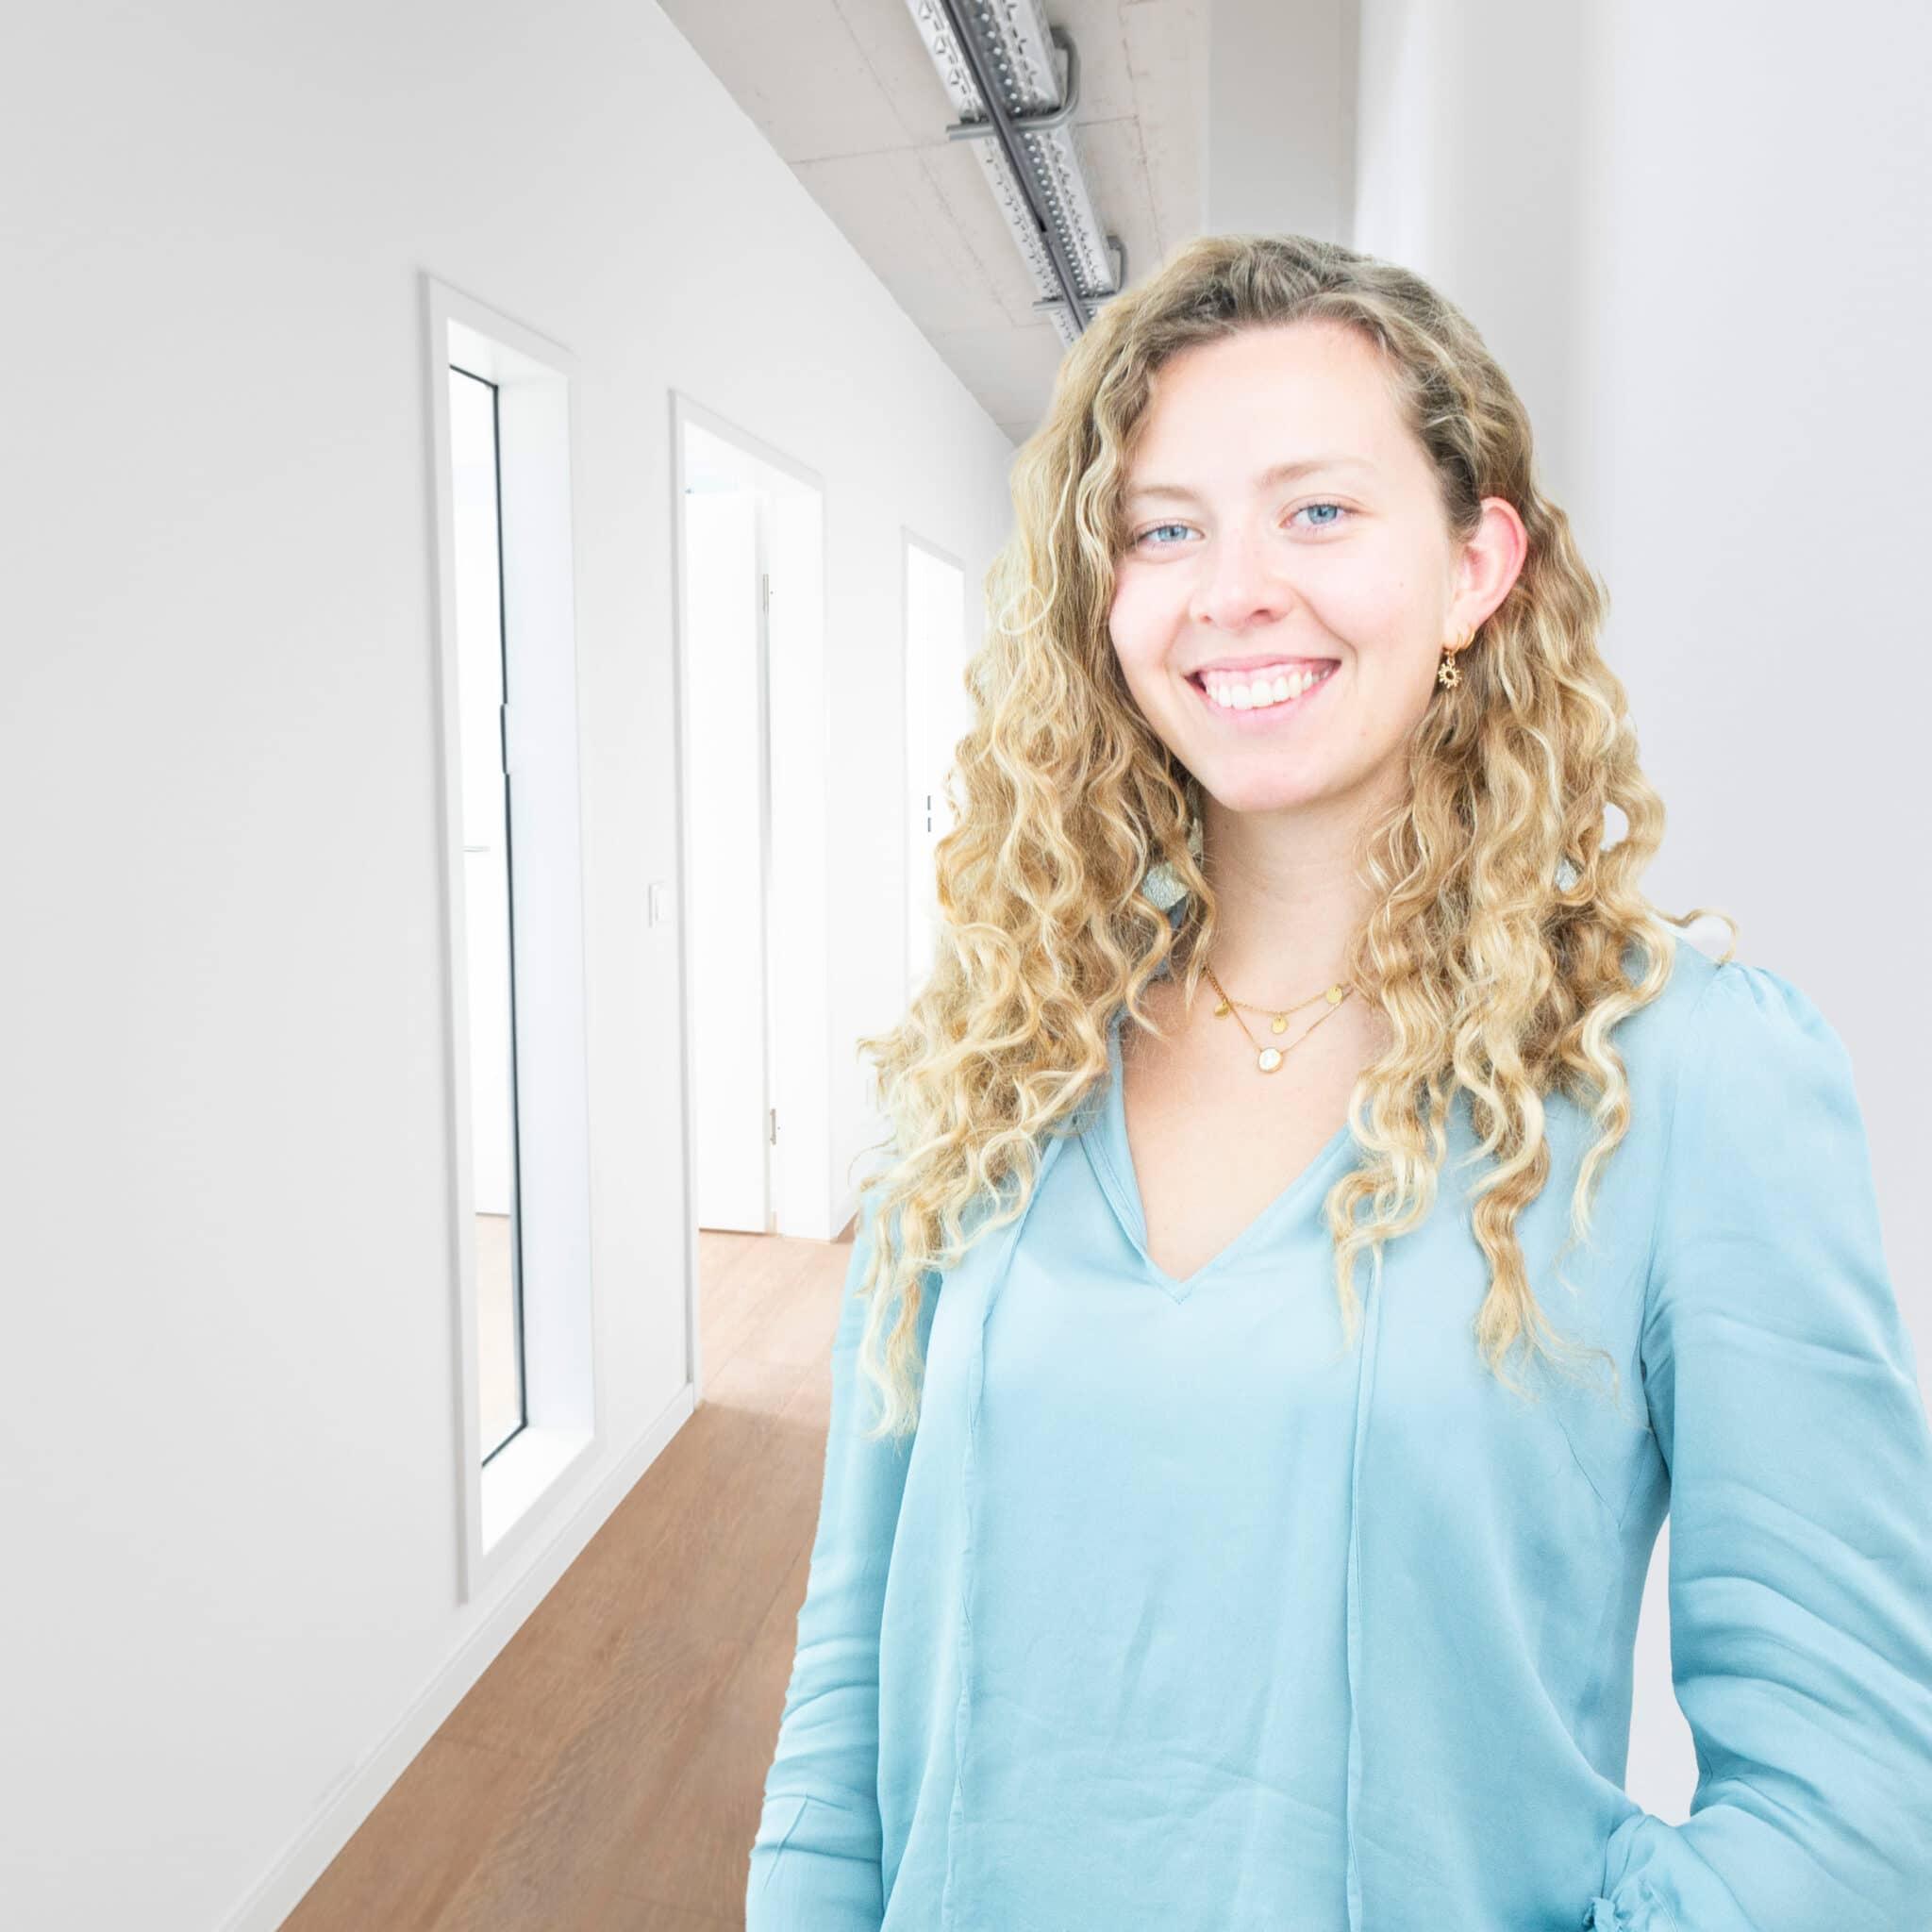 Profilbild Nadine Heiker